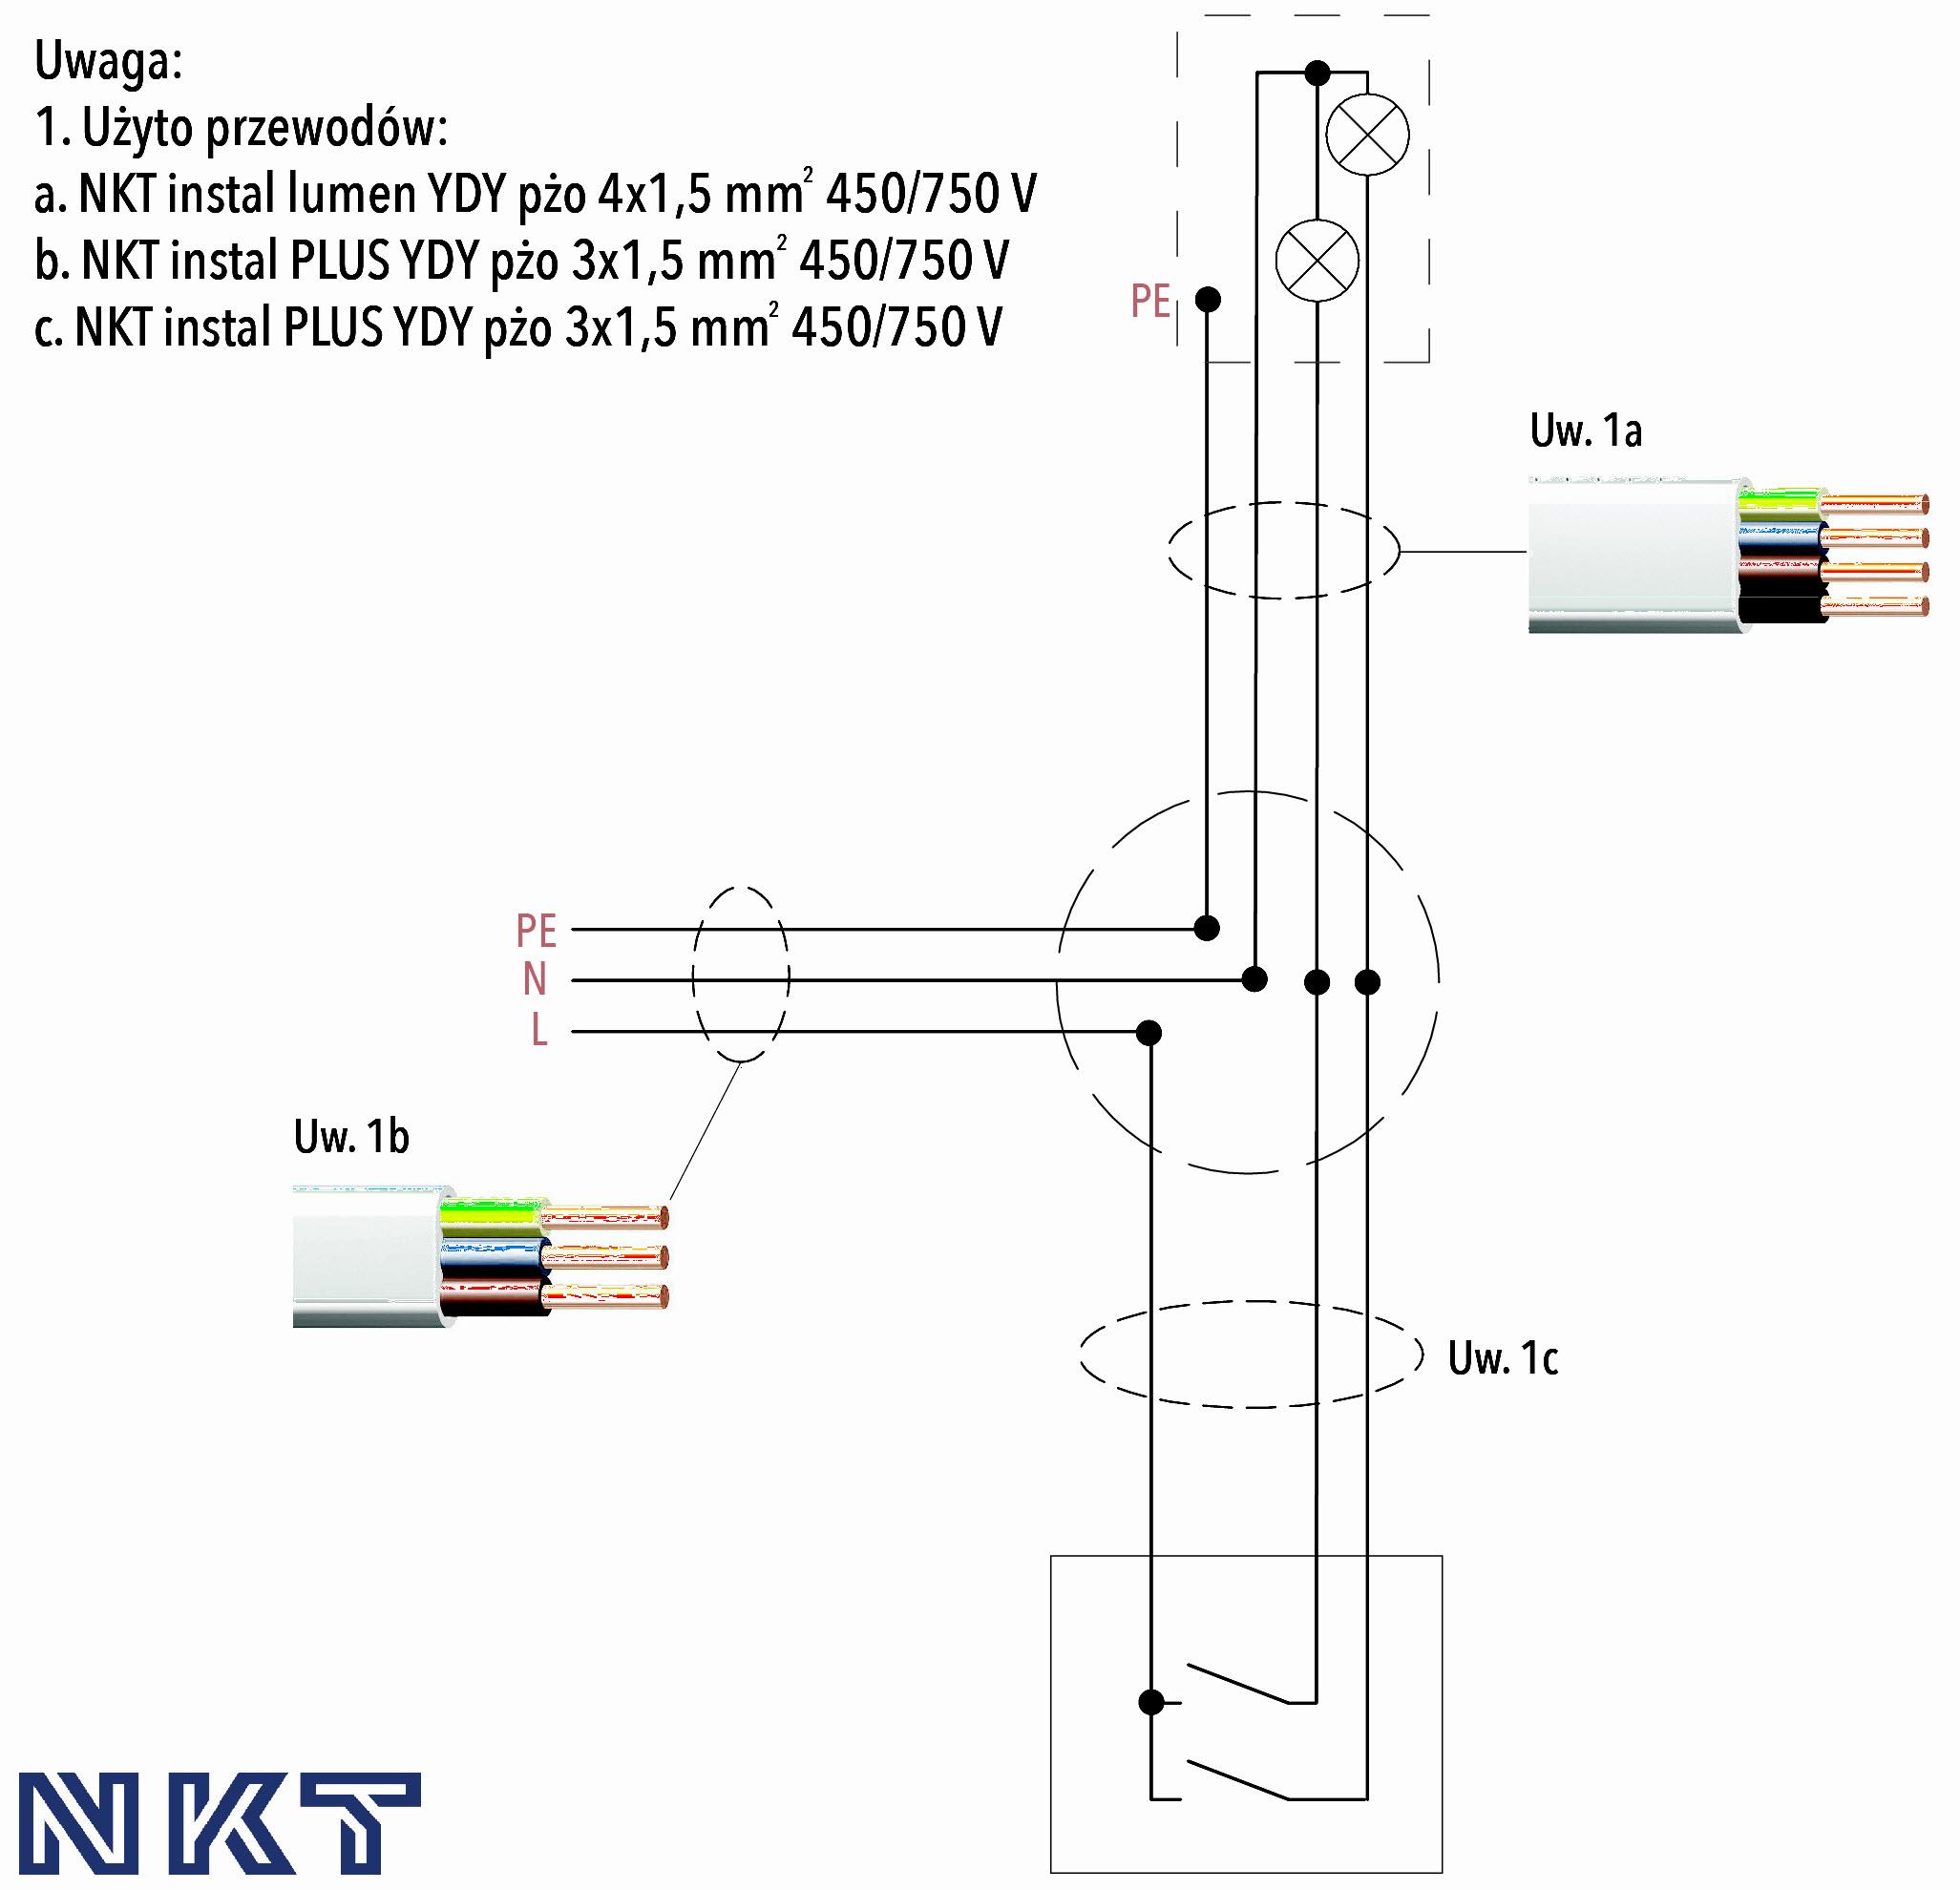 Schemat 3. Schemat połączeń instalacji elektrycznej oświetlenia podstawowego (instalacja z puszkami rozgałęźnymi)